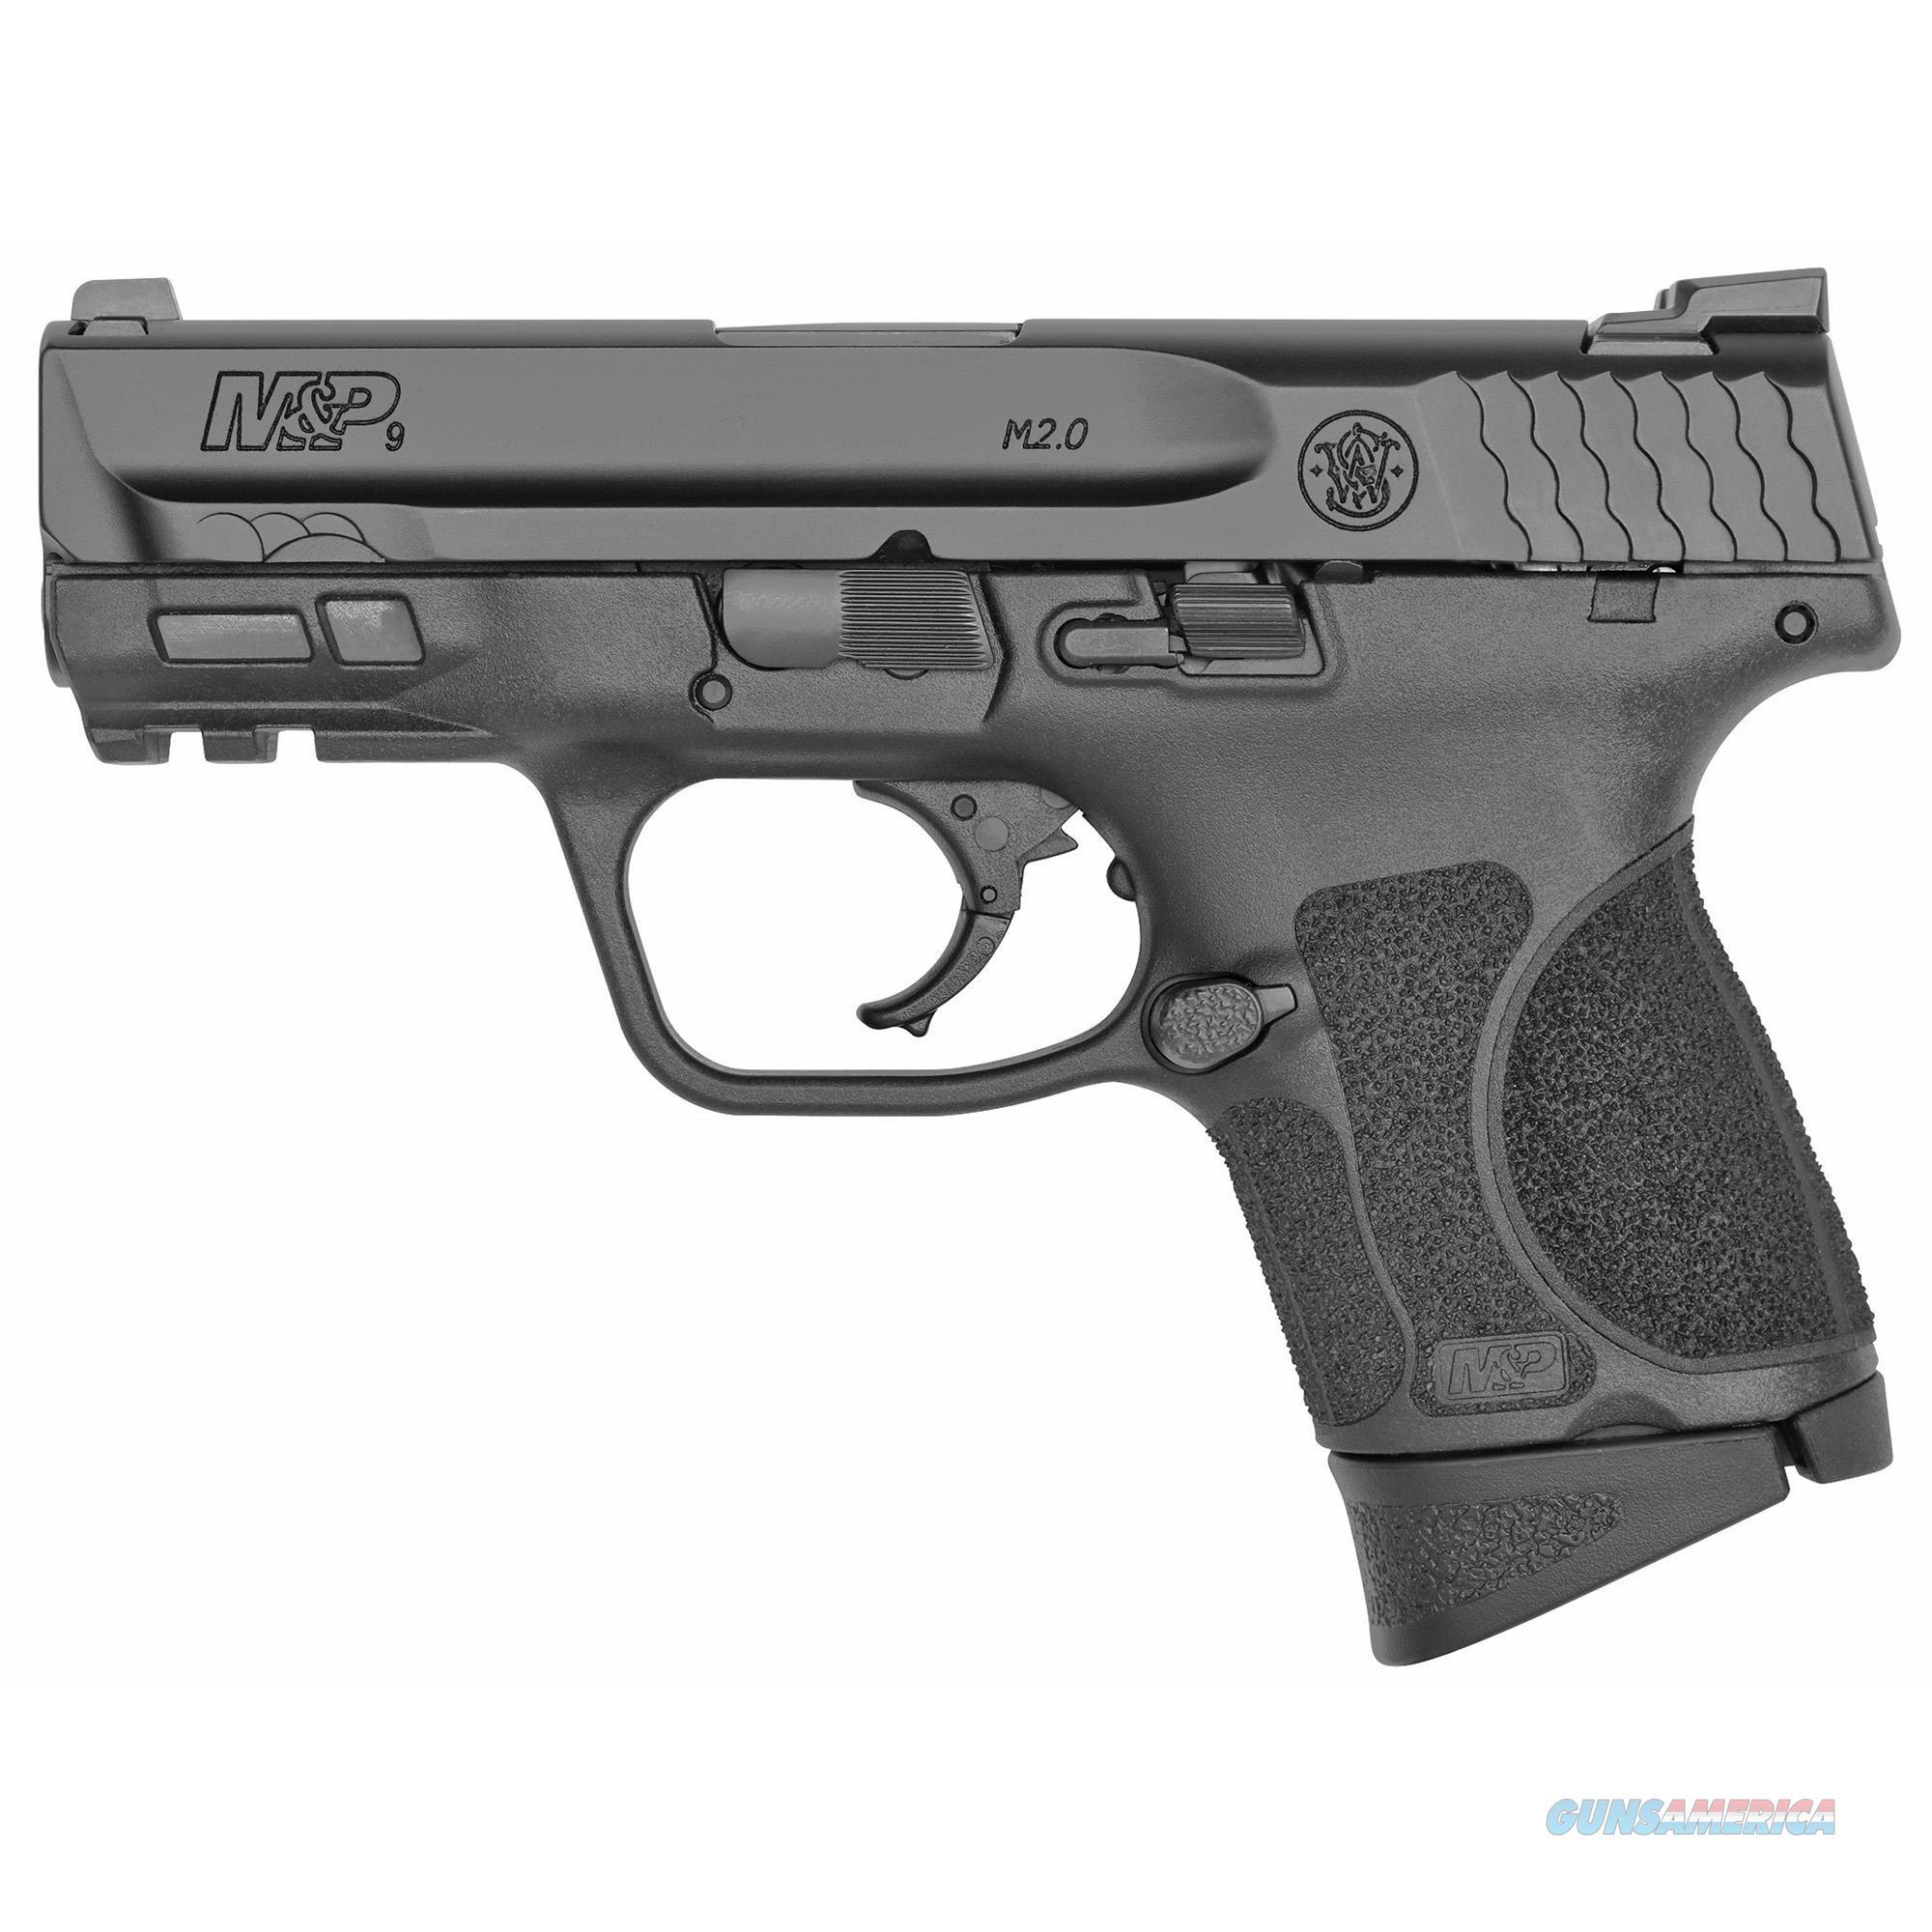 Smith & Wesson M&p 9, S&w M&p9c     13009  *ma*9m 3.6  M2.0 Nts #10 10r  Guns > Pistols > 1911 Pistol Copies (non-Colt)